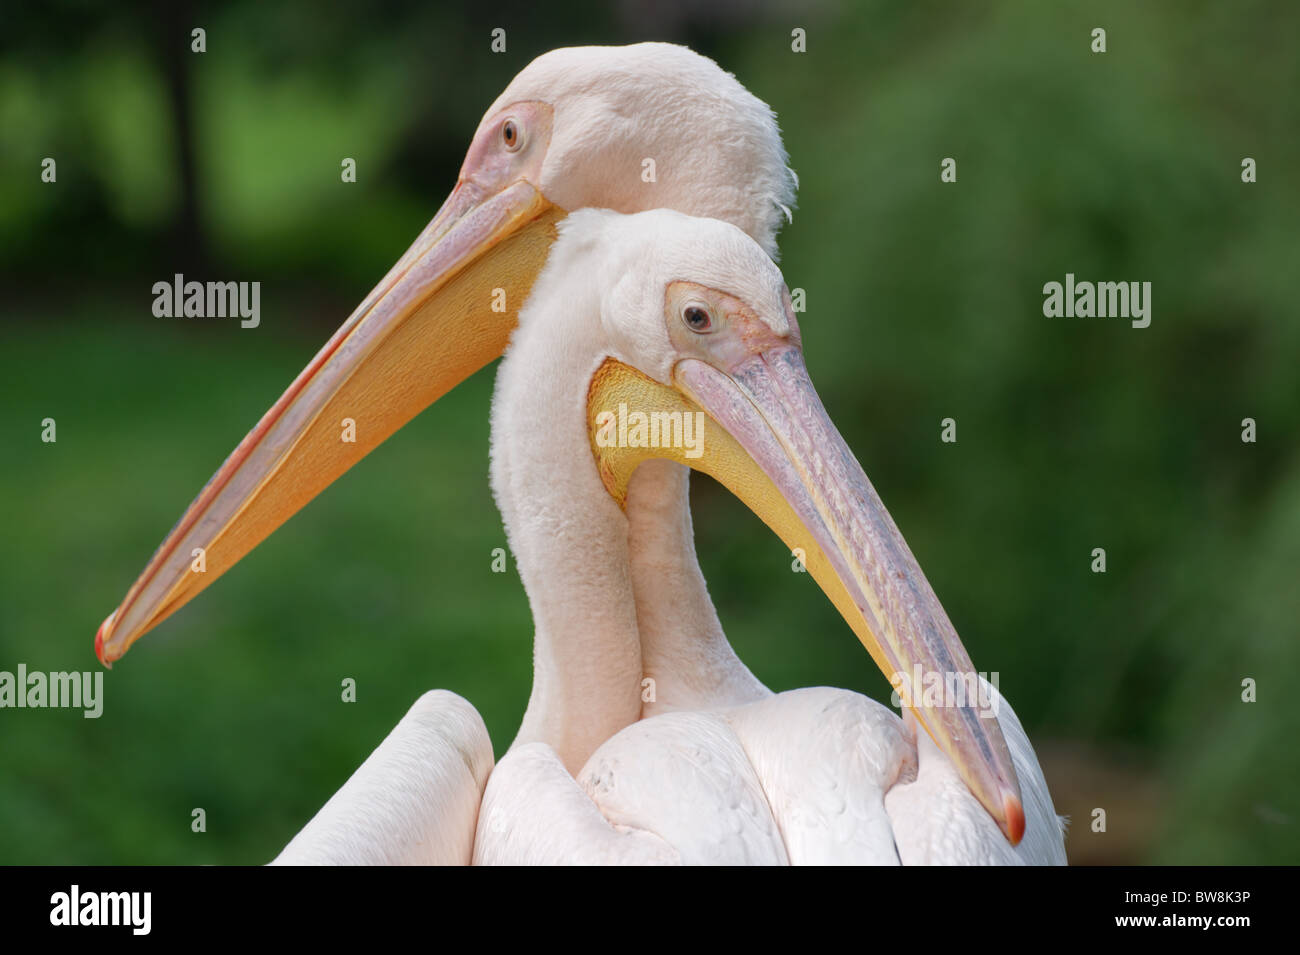 Grand pélican blanc (Pelecanus onocrotalus) paire libre Photo Stock